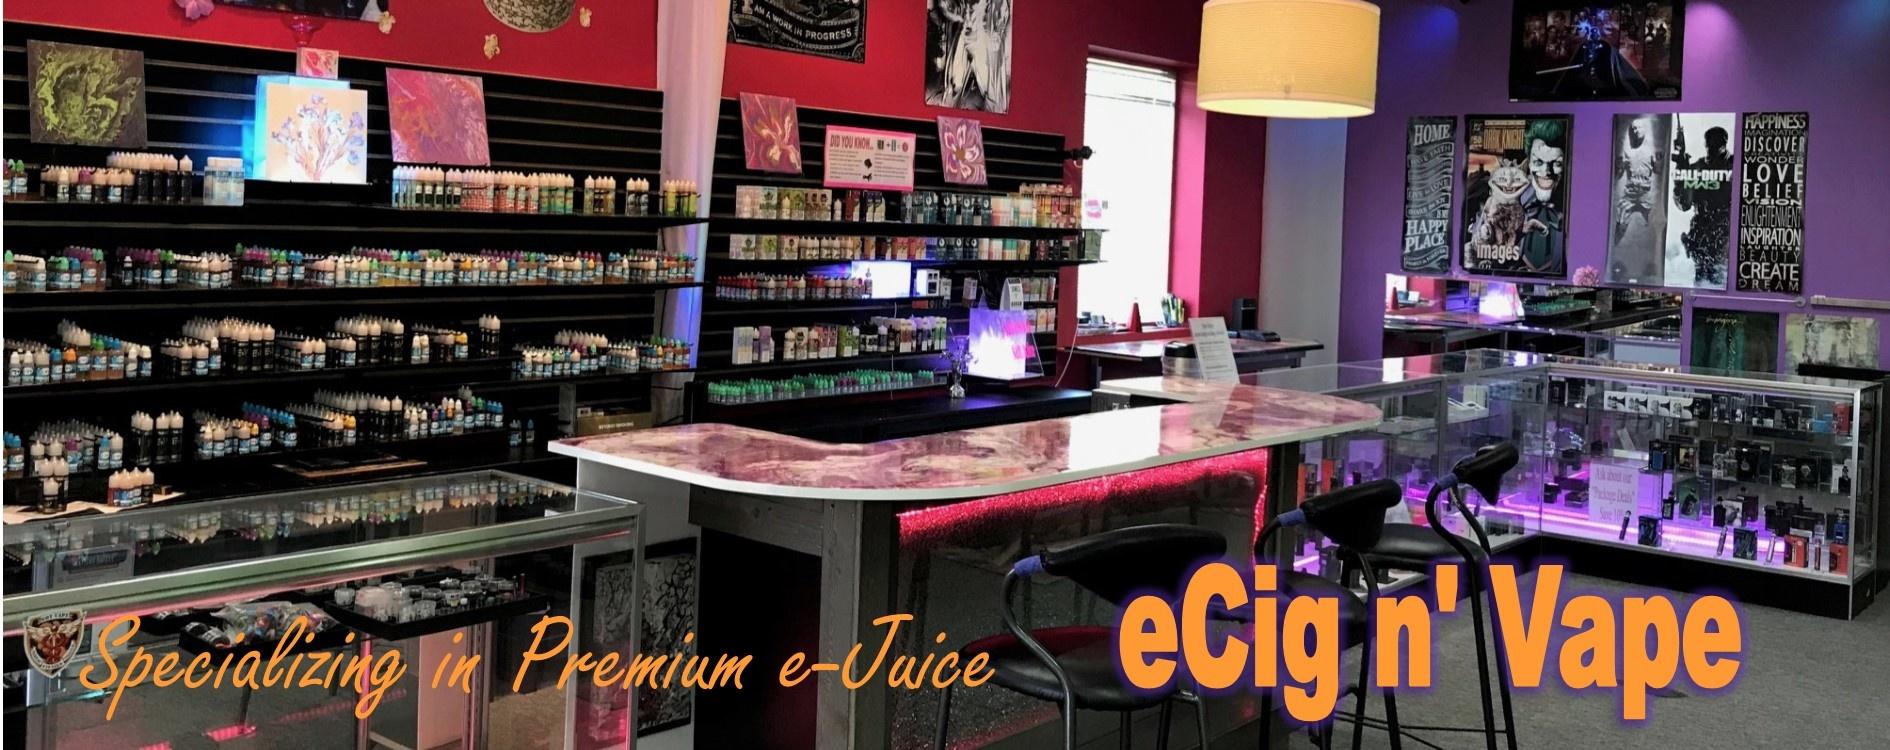 eCignVape - Specializing in Premium eJuice - eCignVape